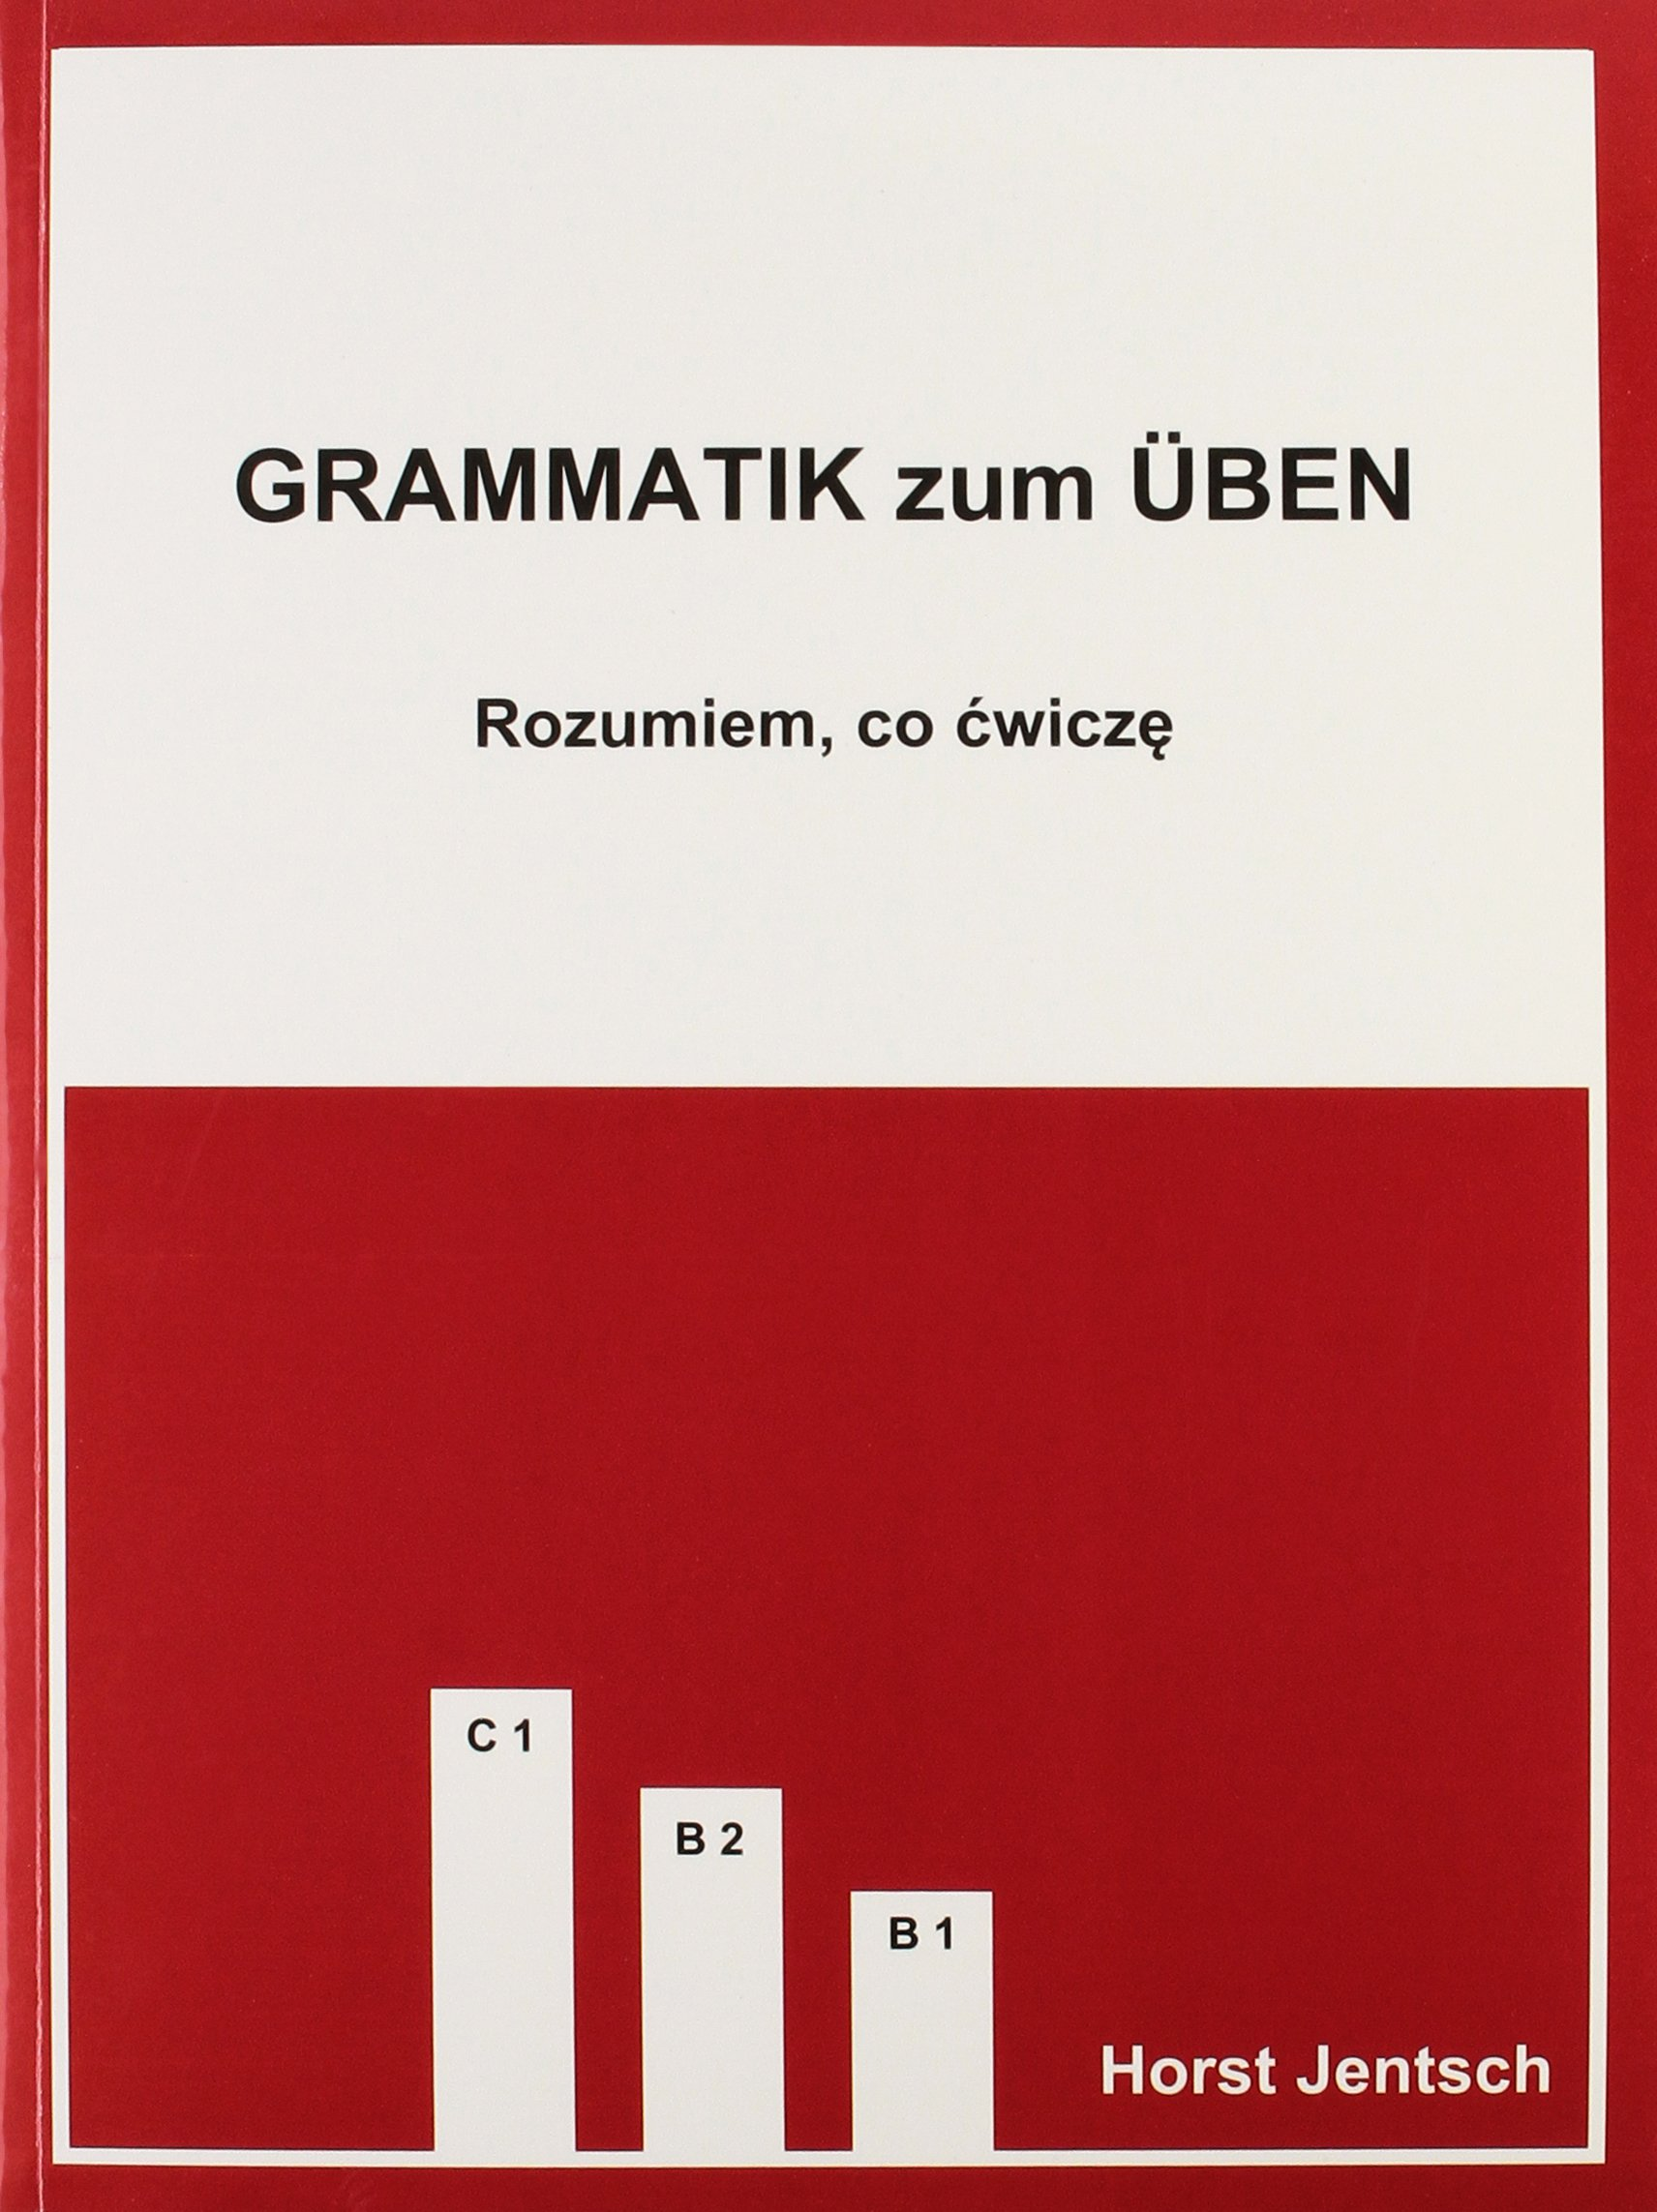 Grammatik zum Üben B1 / C1. Polnische Ausgabe: Rozumiem, co ćwicze (Ich verstehe, was ich übe)